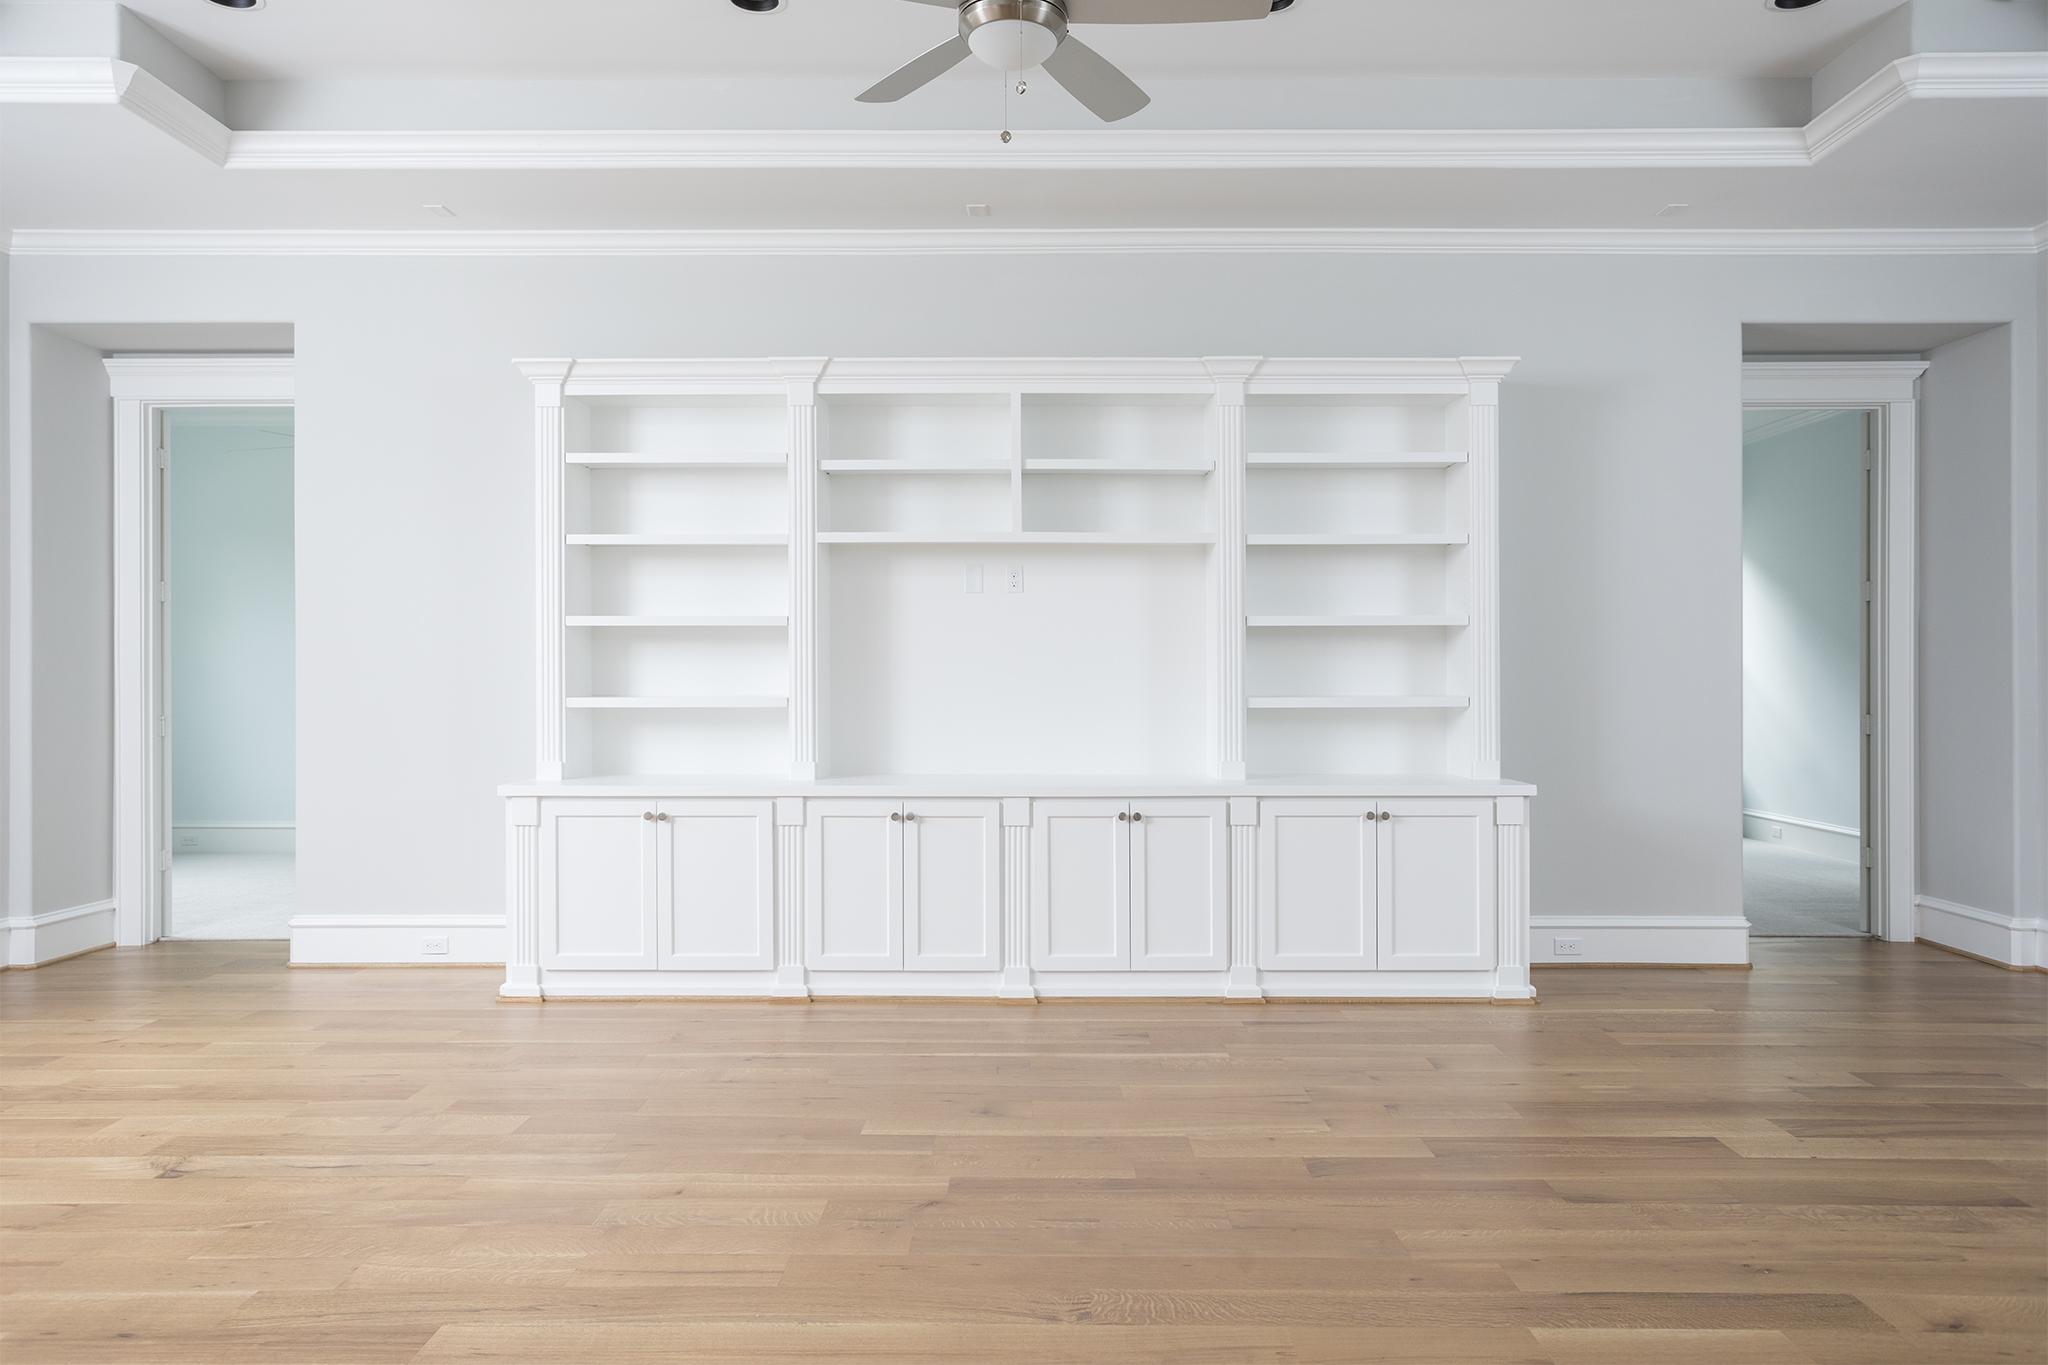 Interior (113736).jpg